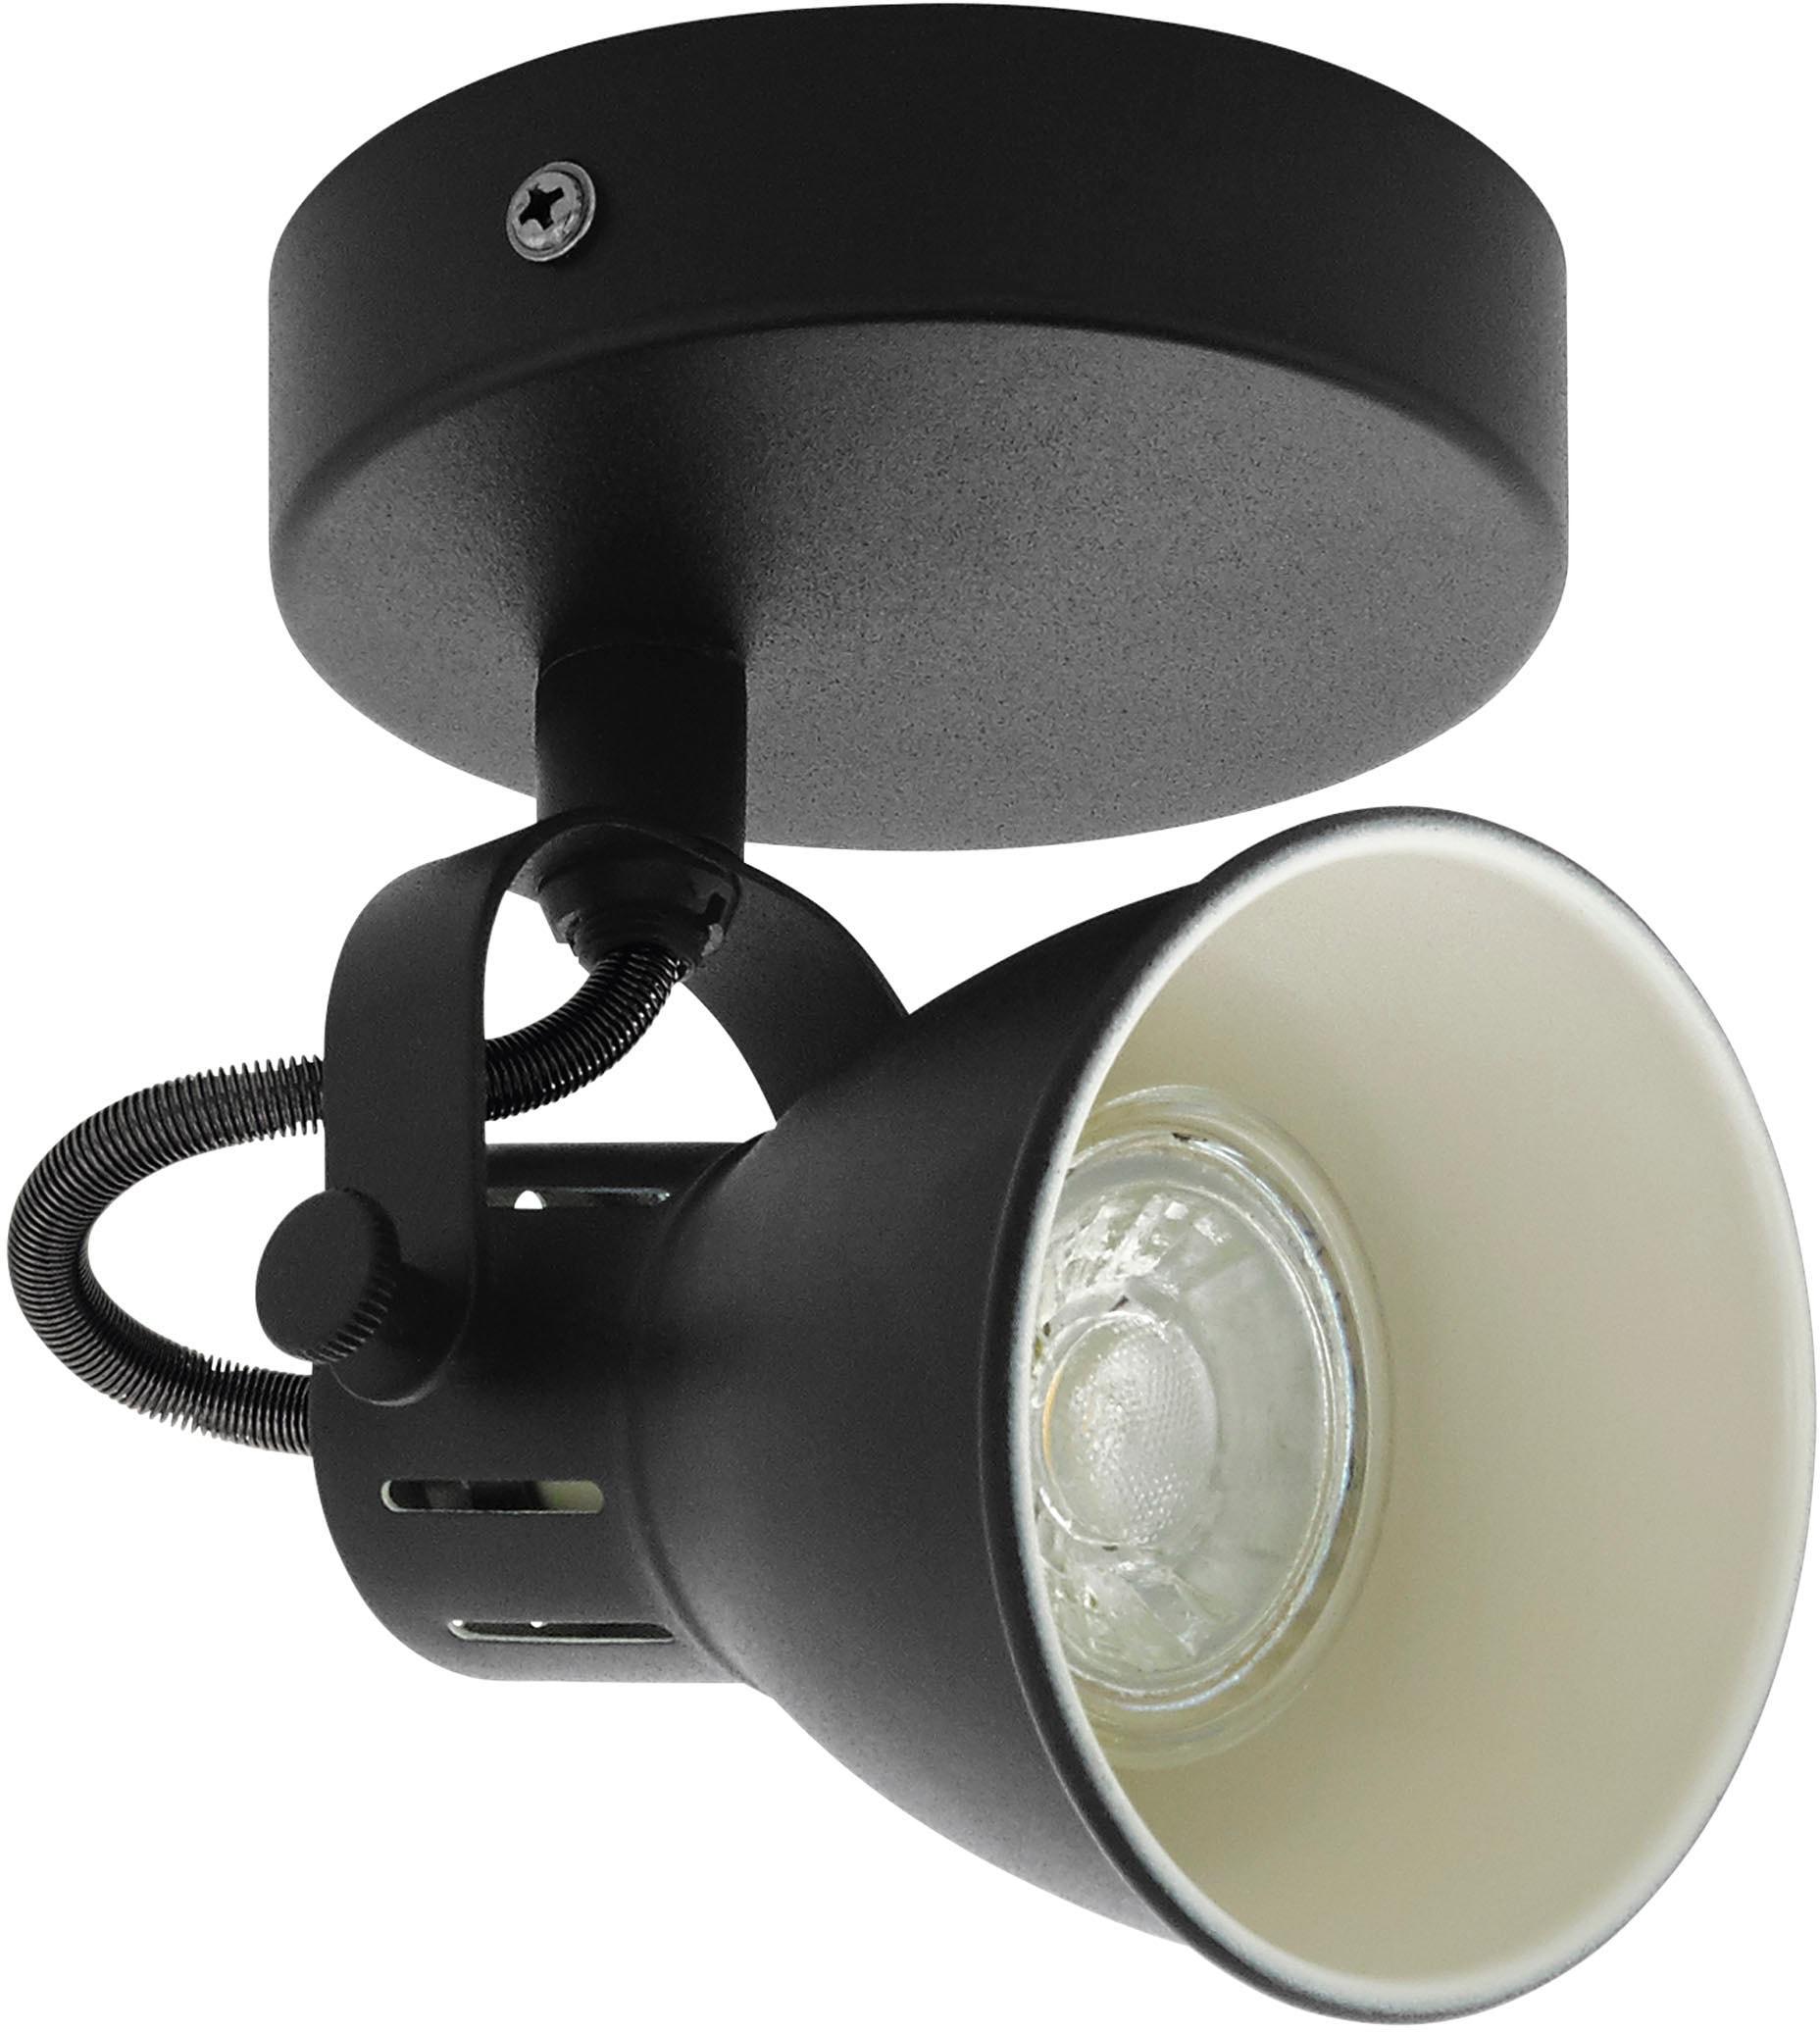 EGLO LED Wandleuchte SERAS 2, LED-Board-GU10, Warmweiß